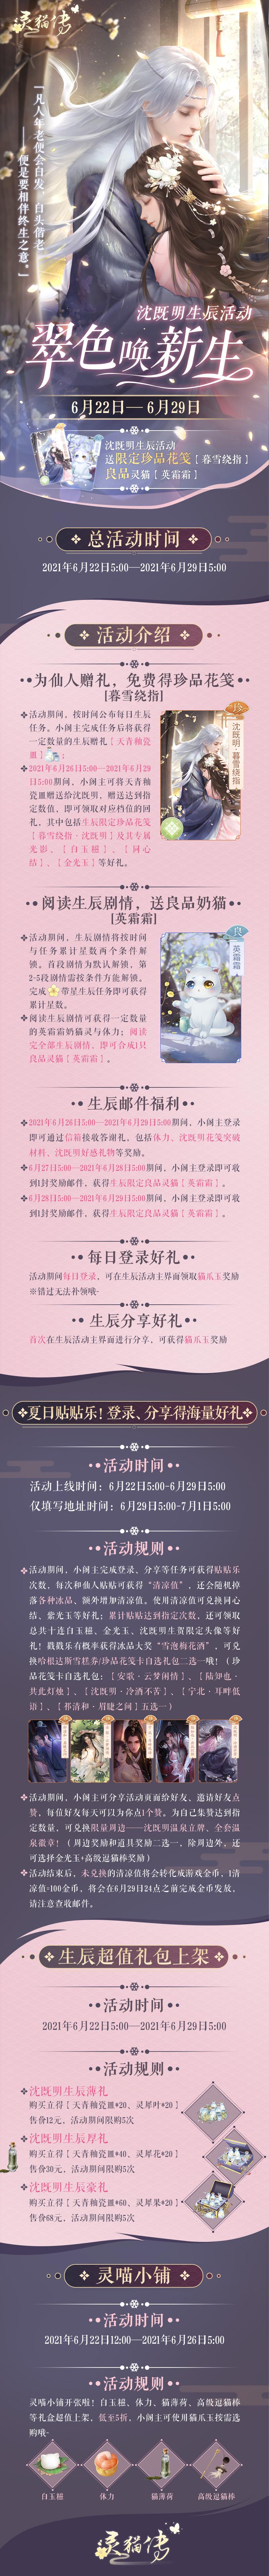 【灵猫传】「翠色唤新生」沈既明生辰特别活动详细预告